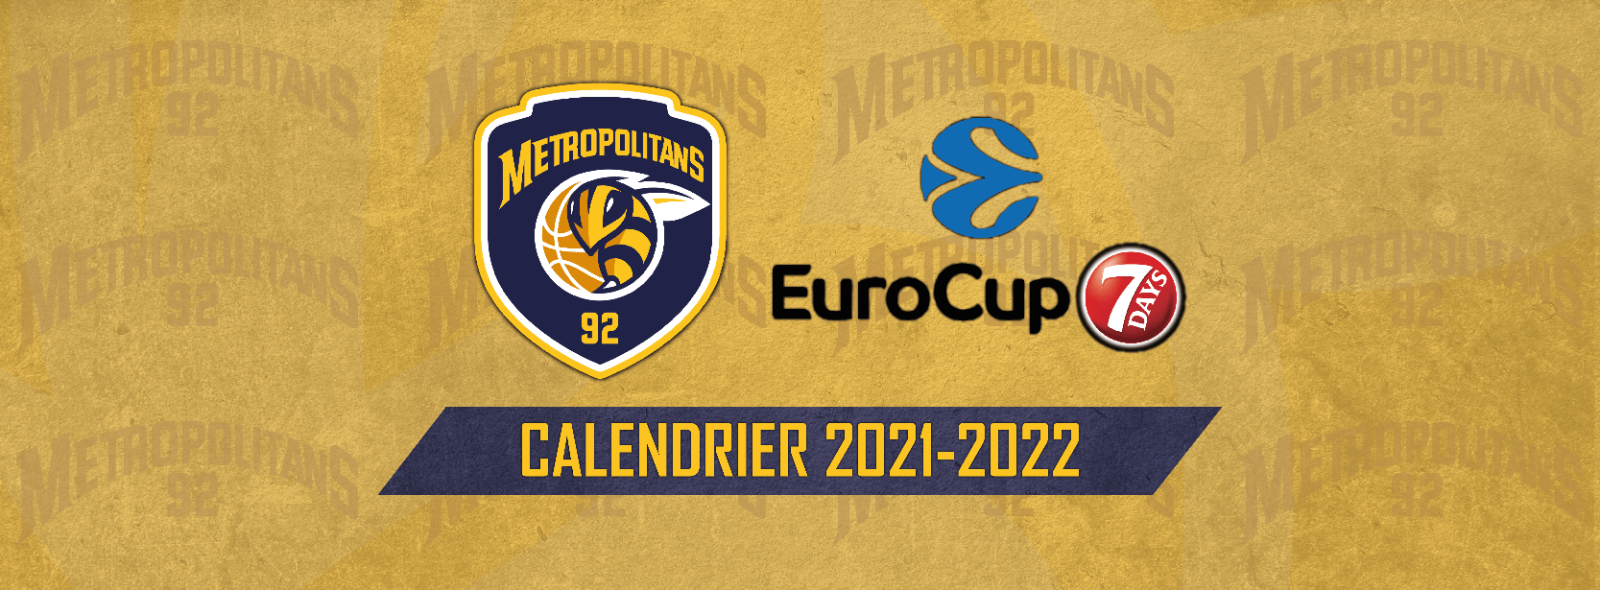 Eurocup - Calendrier saison régulière 2021/2022 !